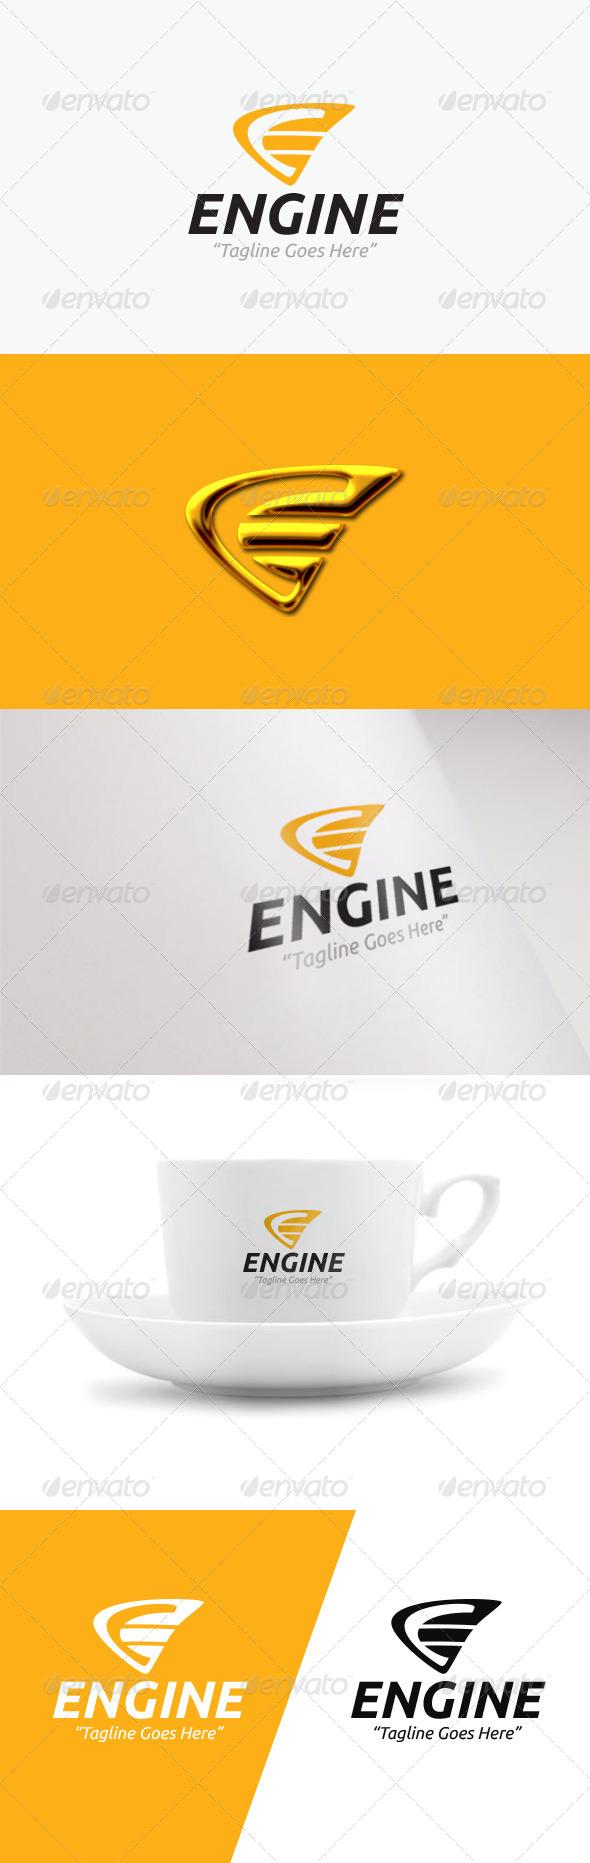 GraphicRiver Engine Logo 7776155